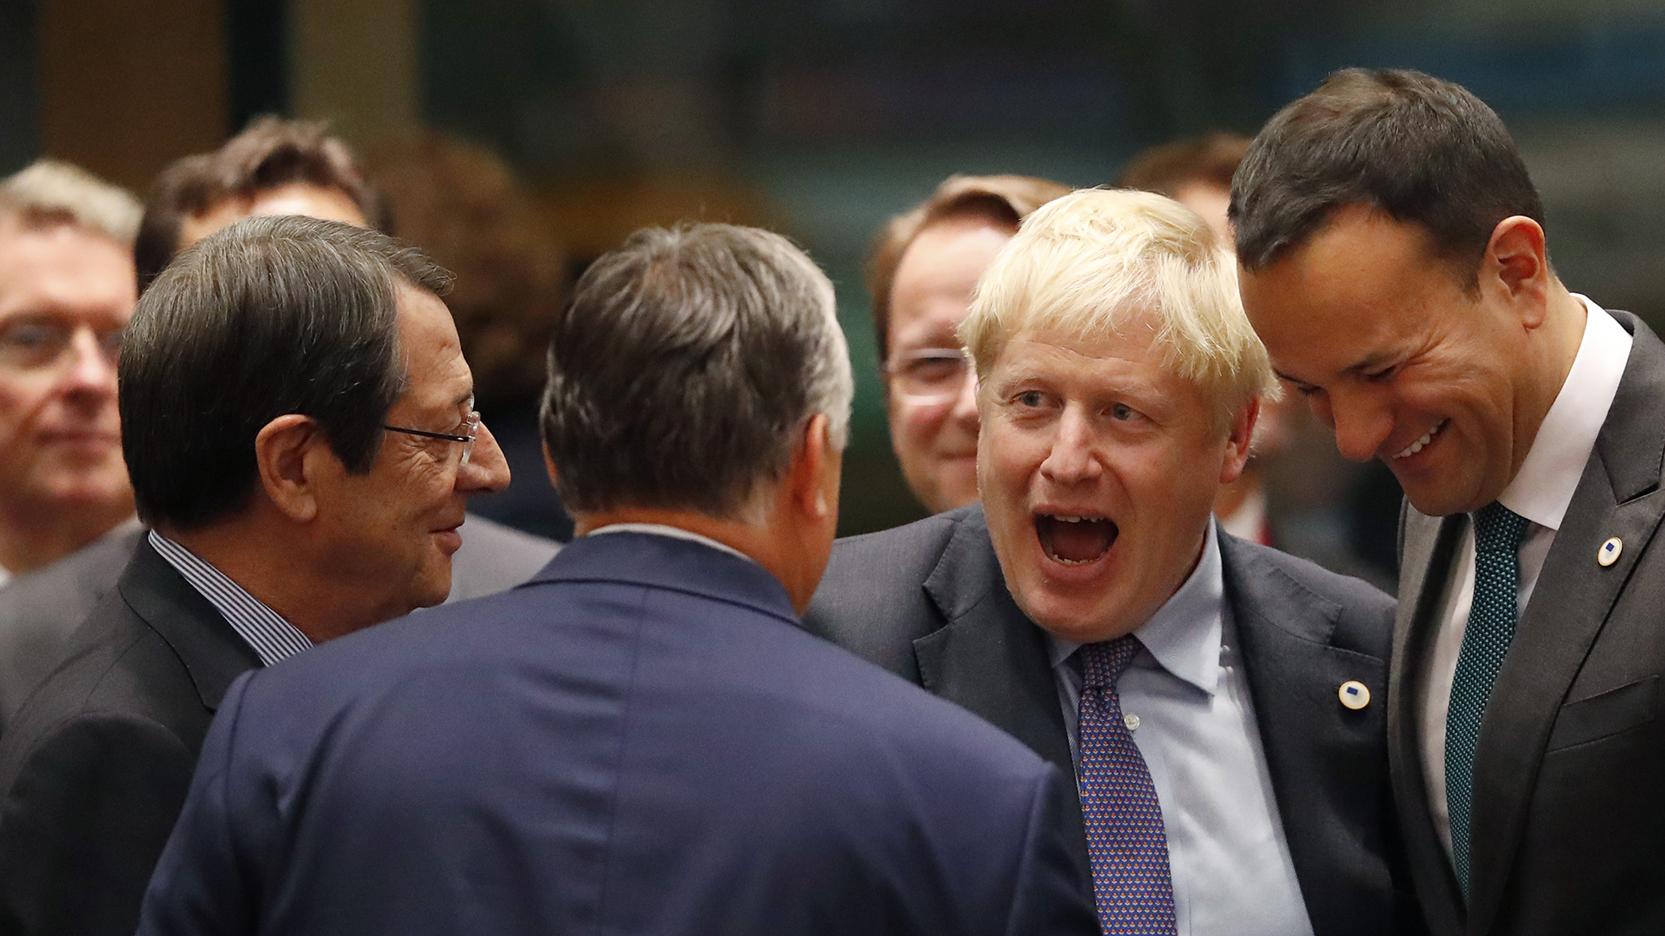 欧洲联盟(EU)与英国在2019年10月17日就英国脱离欧盟达成新协议。右二为英国首相约翰逊在向人致意。(美联社)